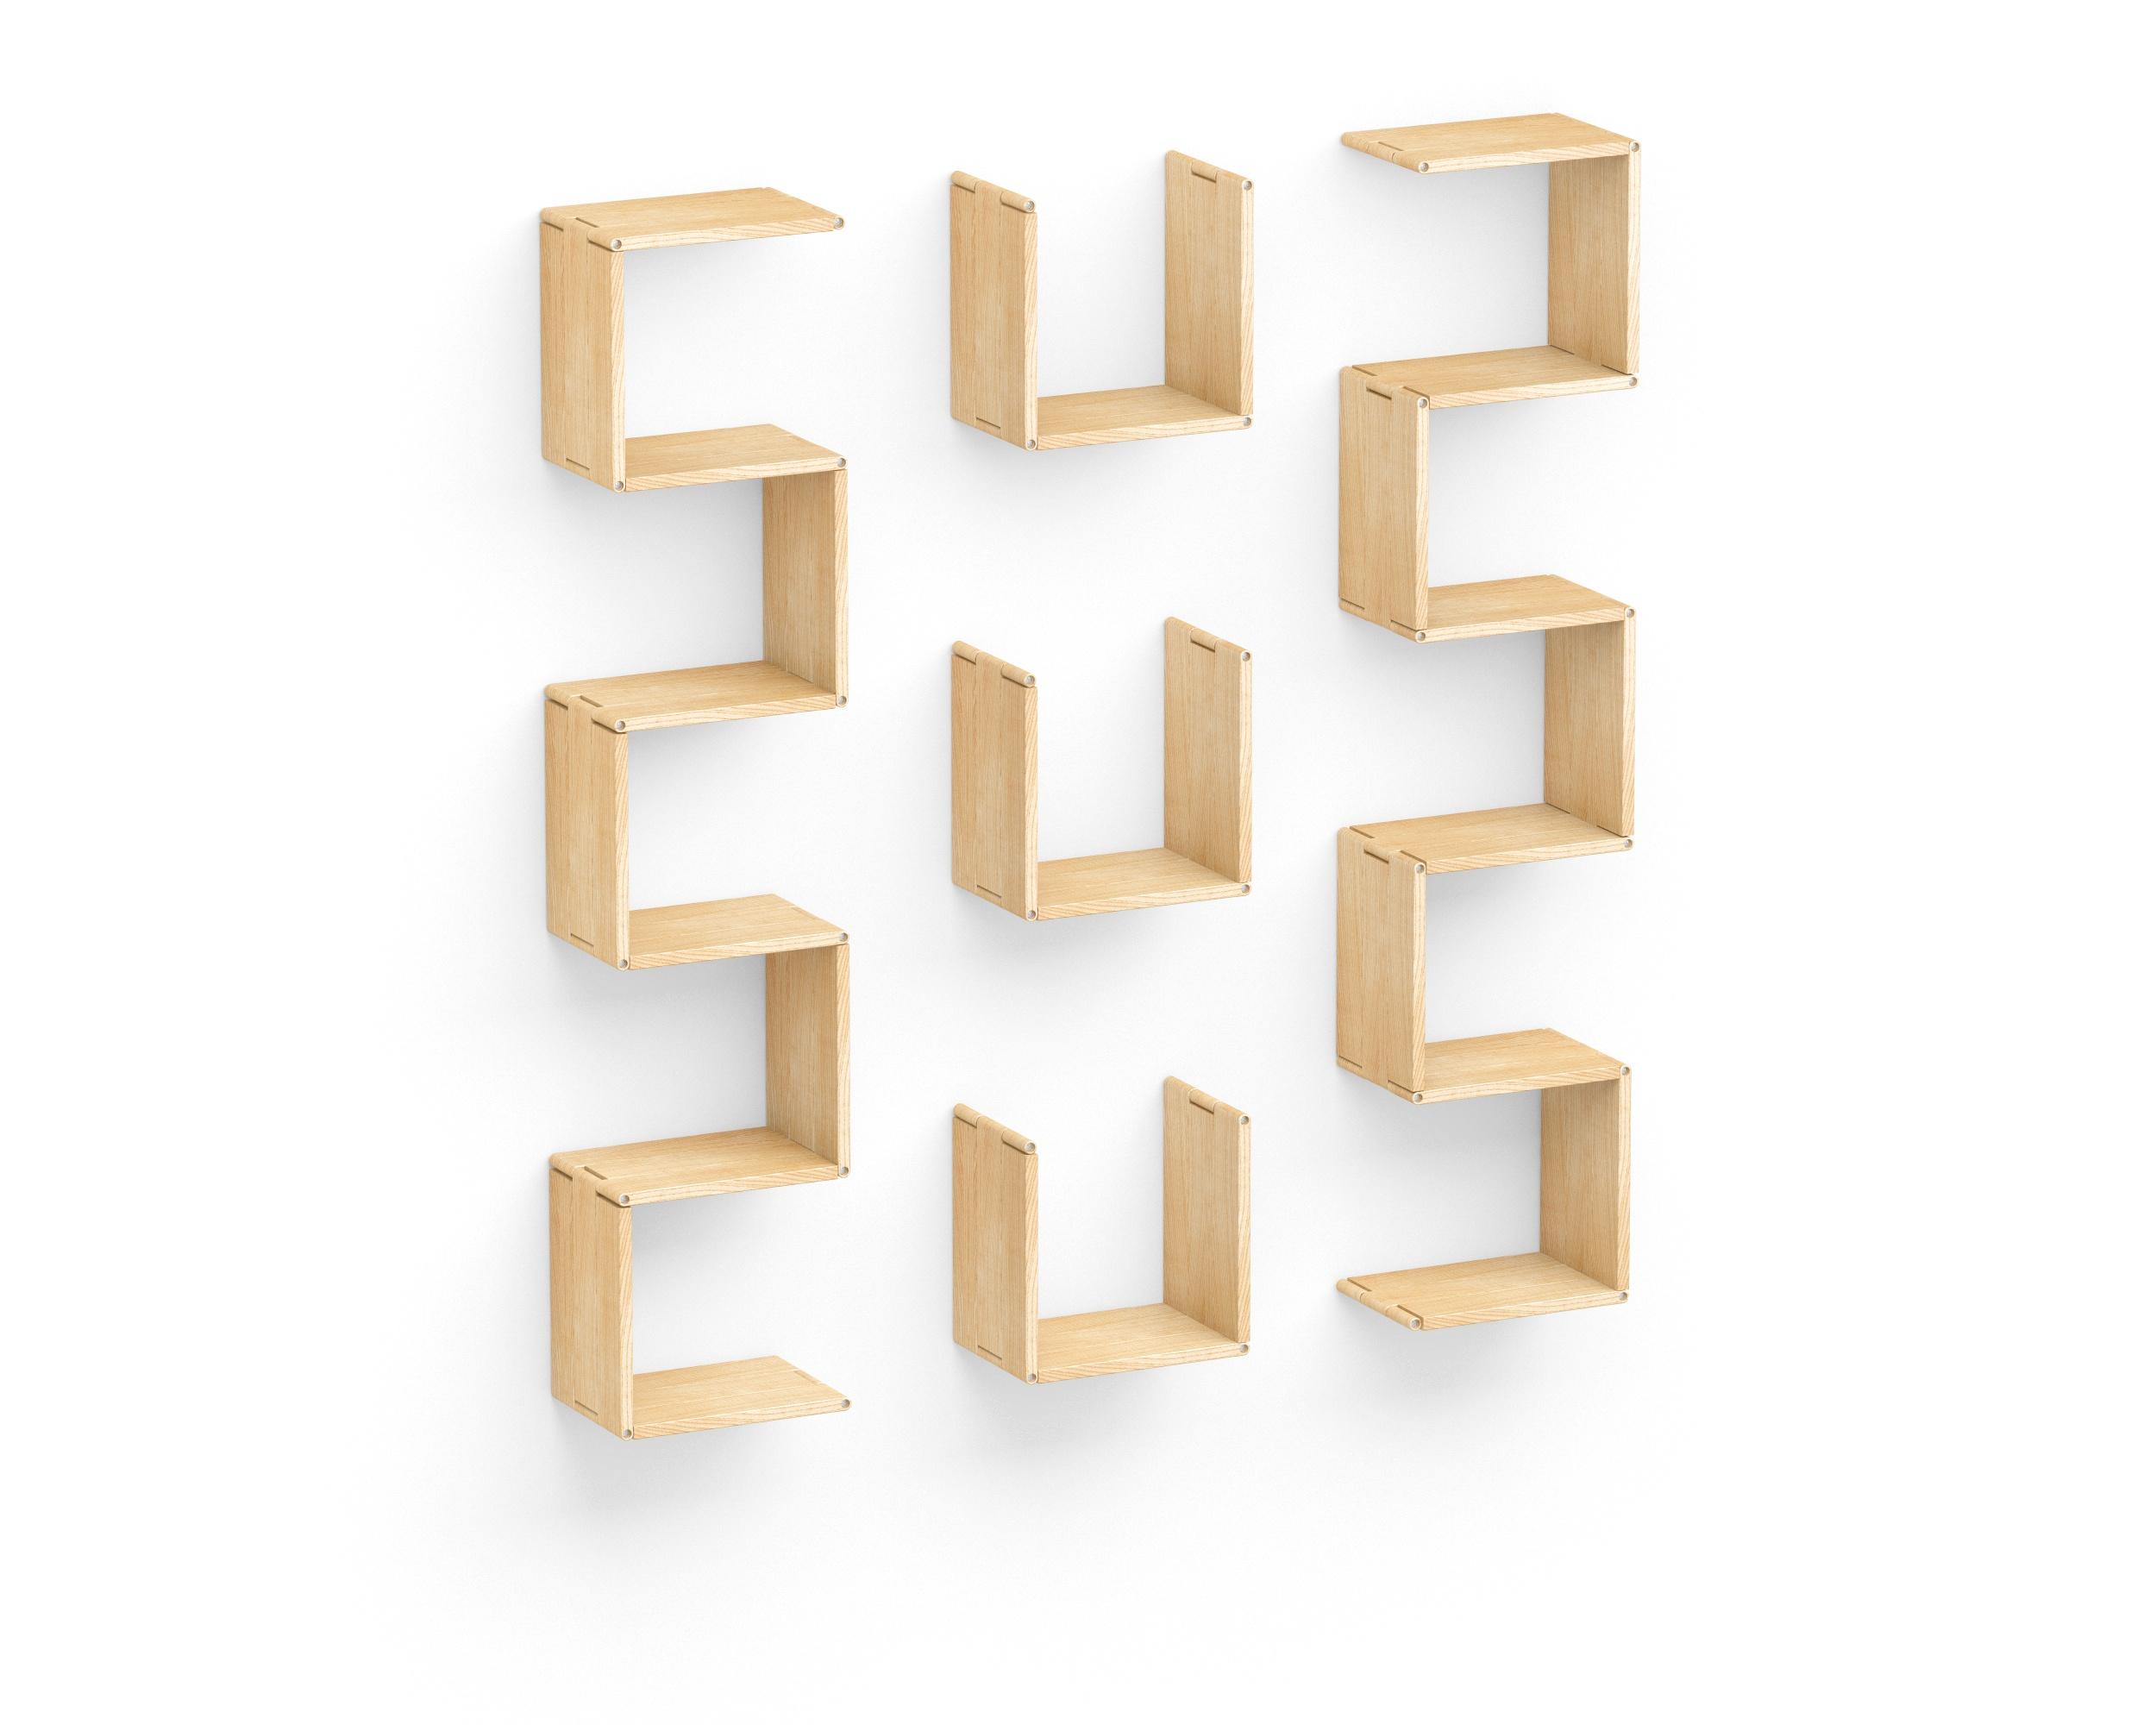 Полка-конструктор Flex Shelf 92Полки<br>цвет: натуральный ясень, красный, оранжевый, зеленый, голубой, сиреневый, белый, черный<br><br>Material: Ясень<br>Width см: 152<br>Depth см: 152<br>Height см: 22